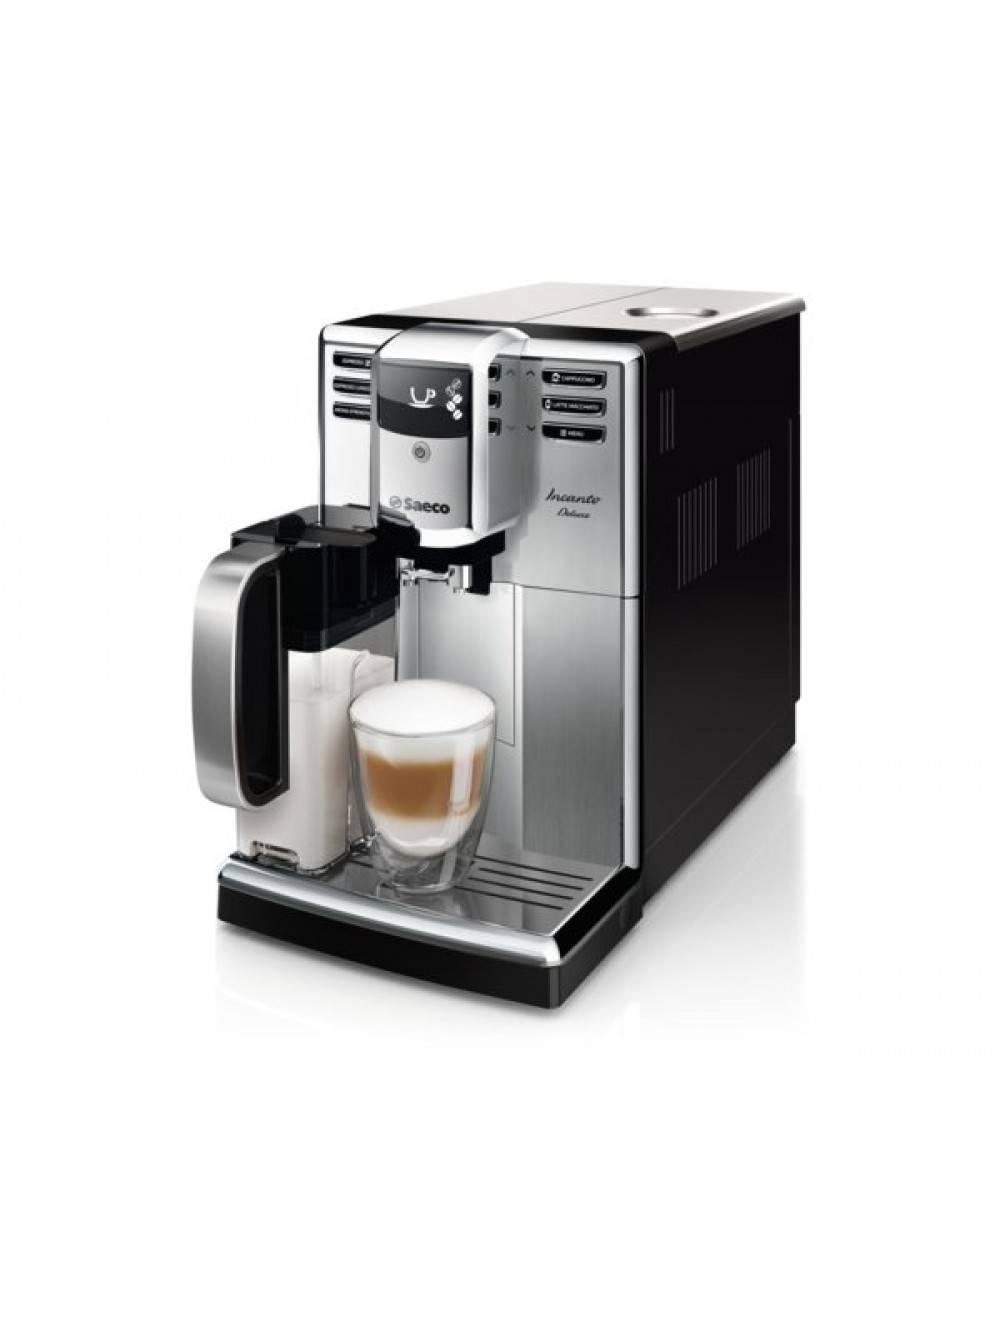 Кофе саеко (saeco): описание, история и виды марки